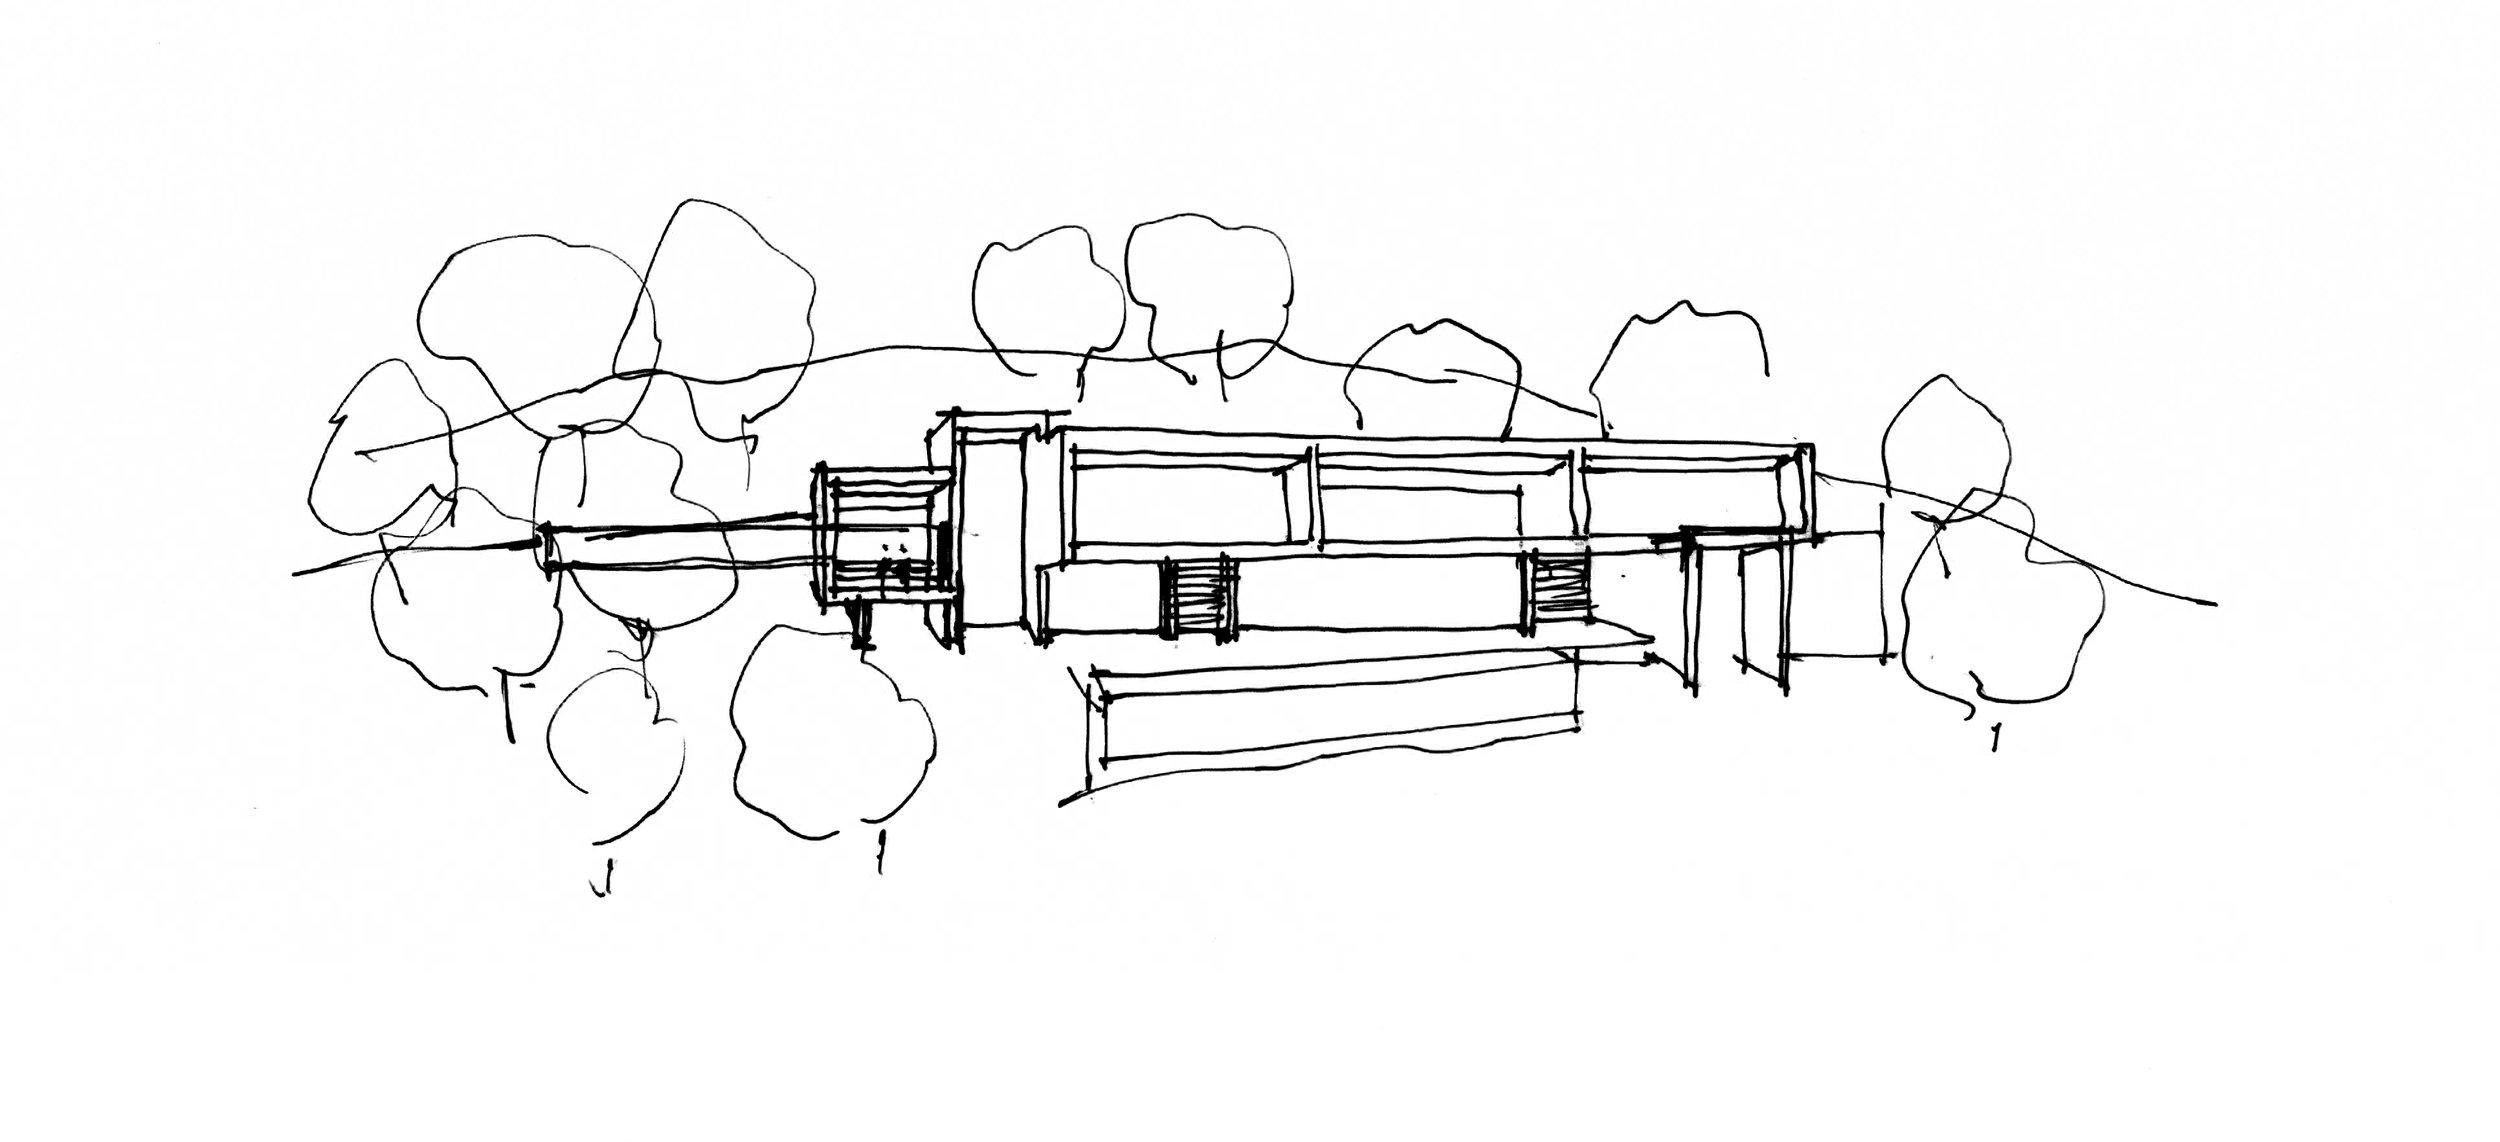 Sketch2_bw.jpg